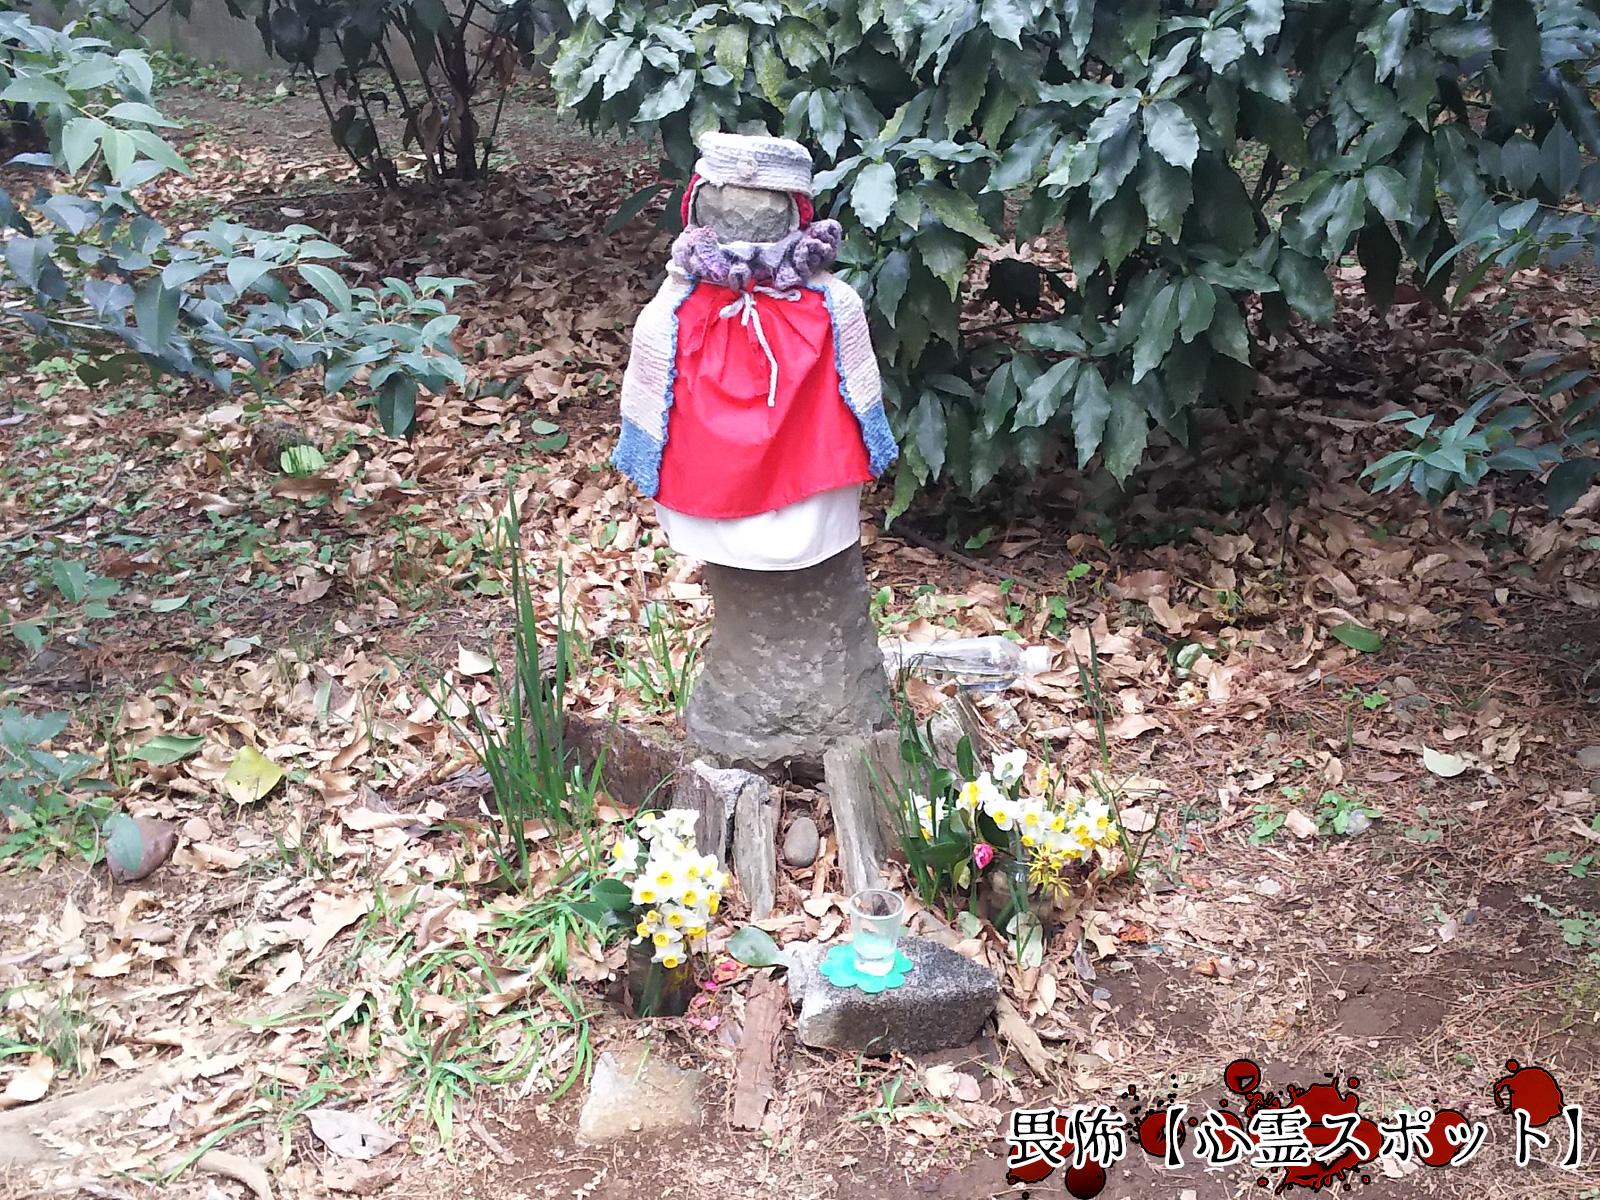 井の頭 公園 バラバラ 事件